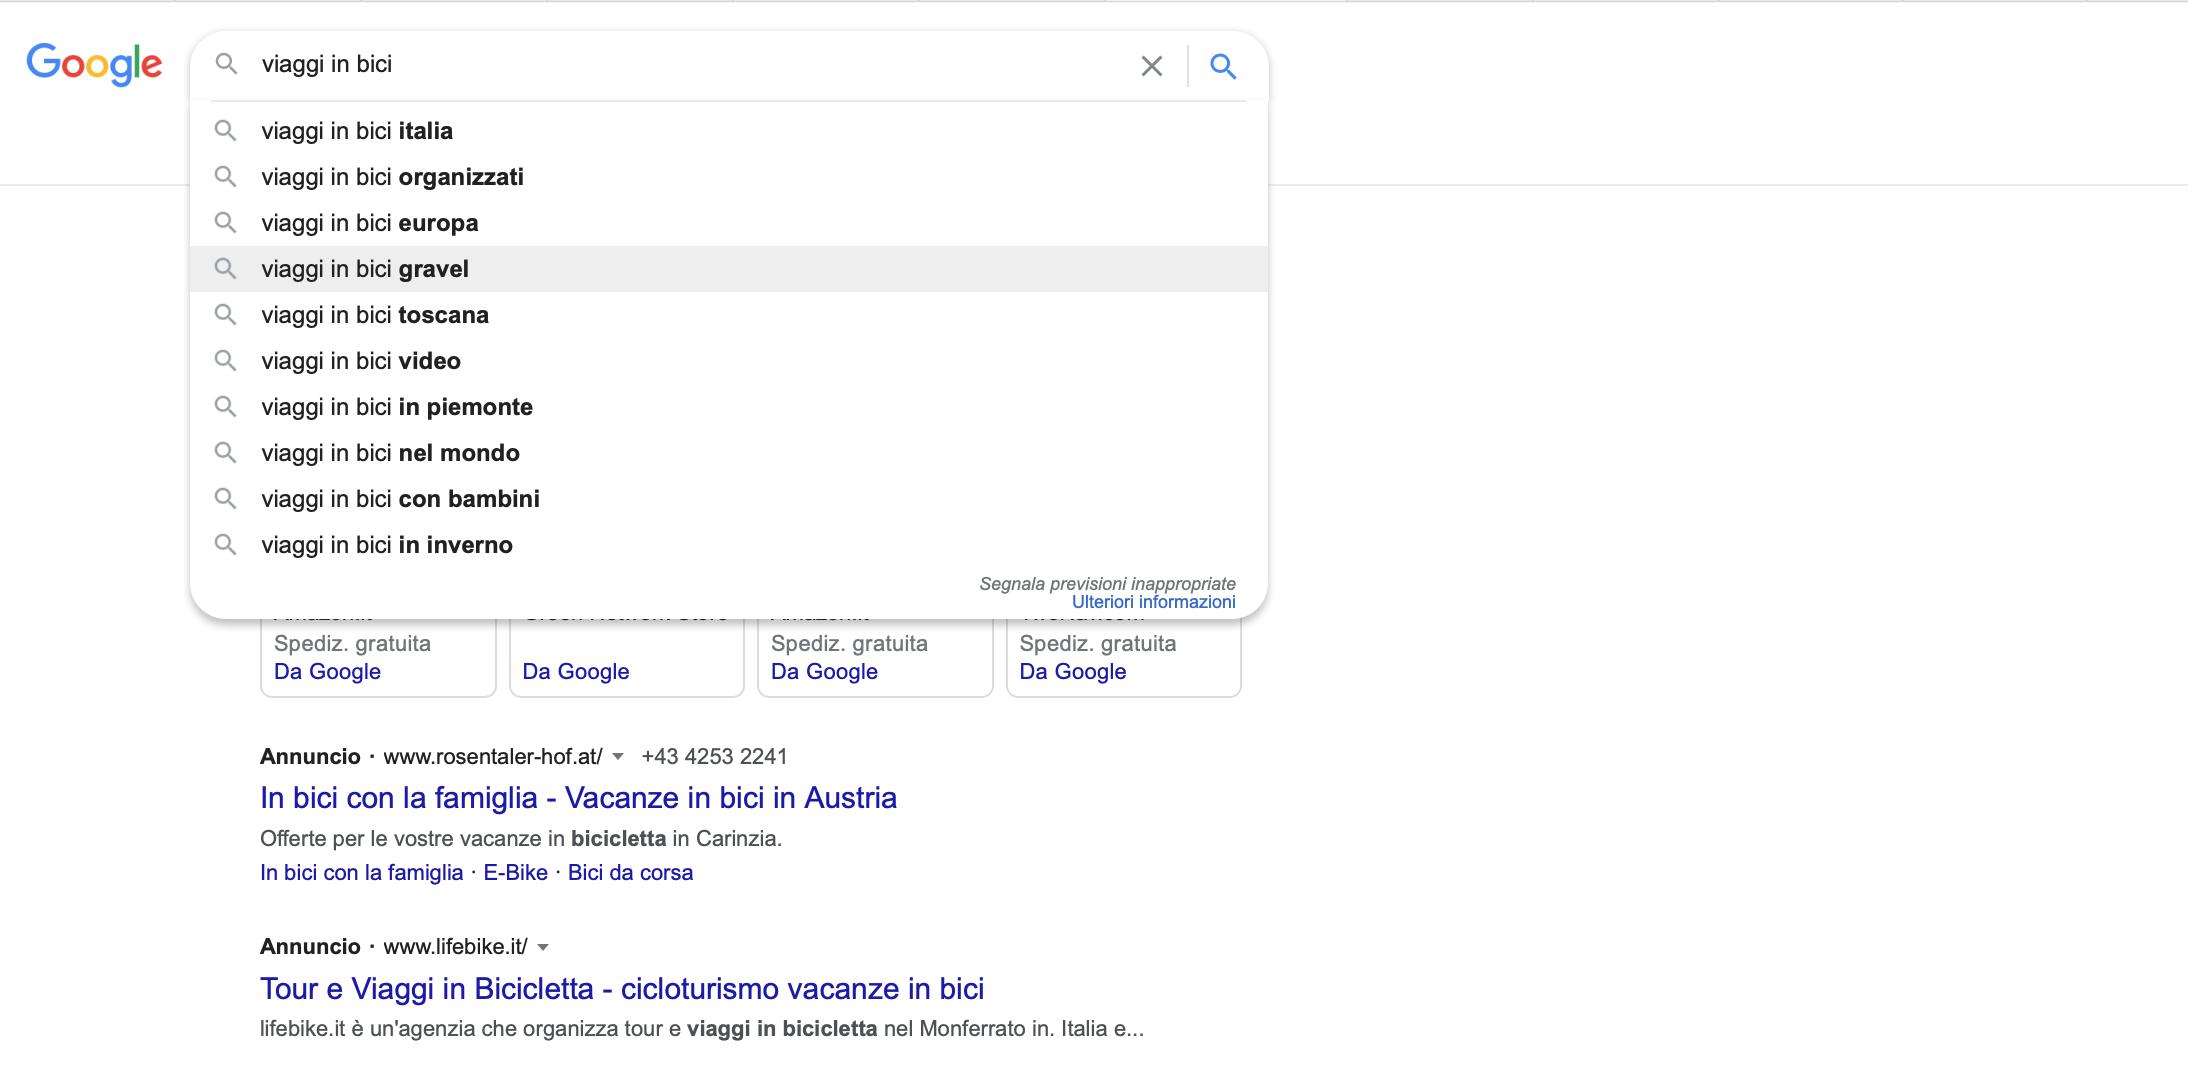 Sfruttale l'autocomplete di Google per ottenere idee su articoli da pubblicare